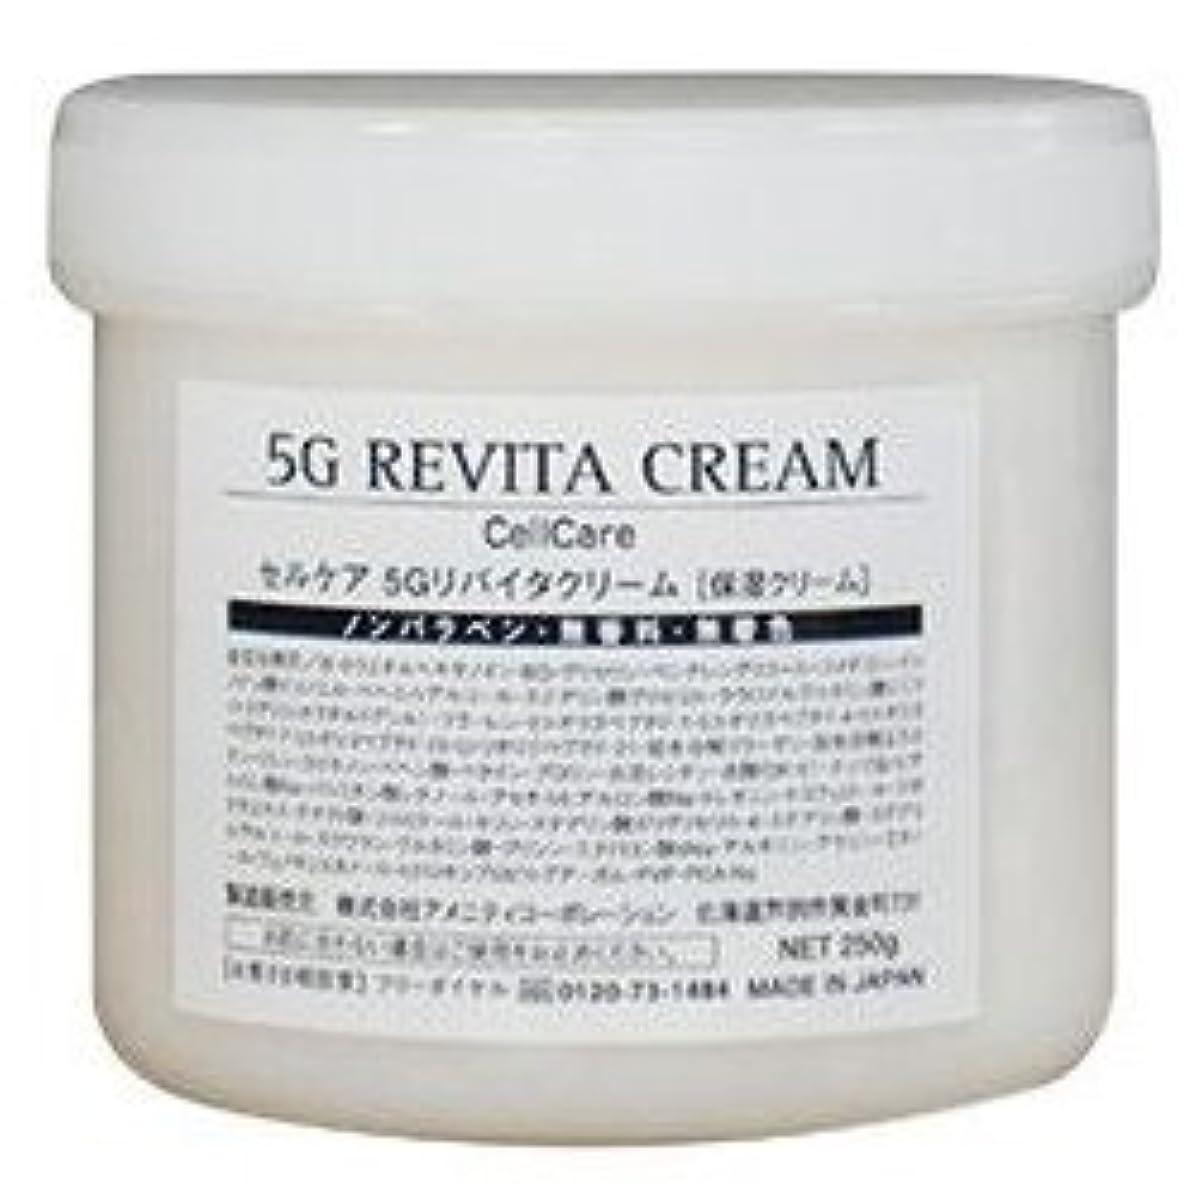 逃げるデマンドお互いセルケアGF プレミアム 5Gリバイタルクリーム 保湿クリーム お徳用250g